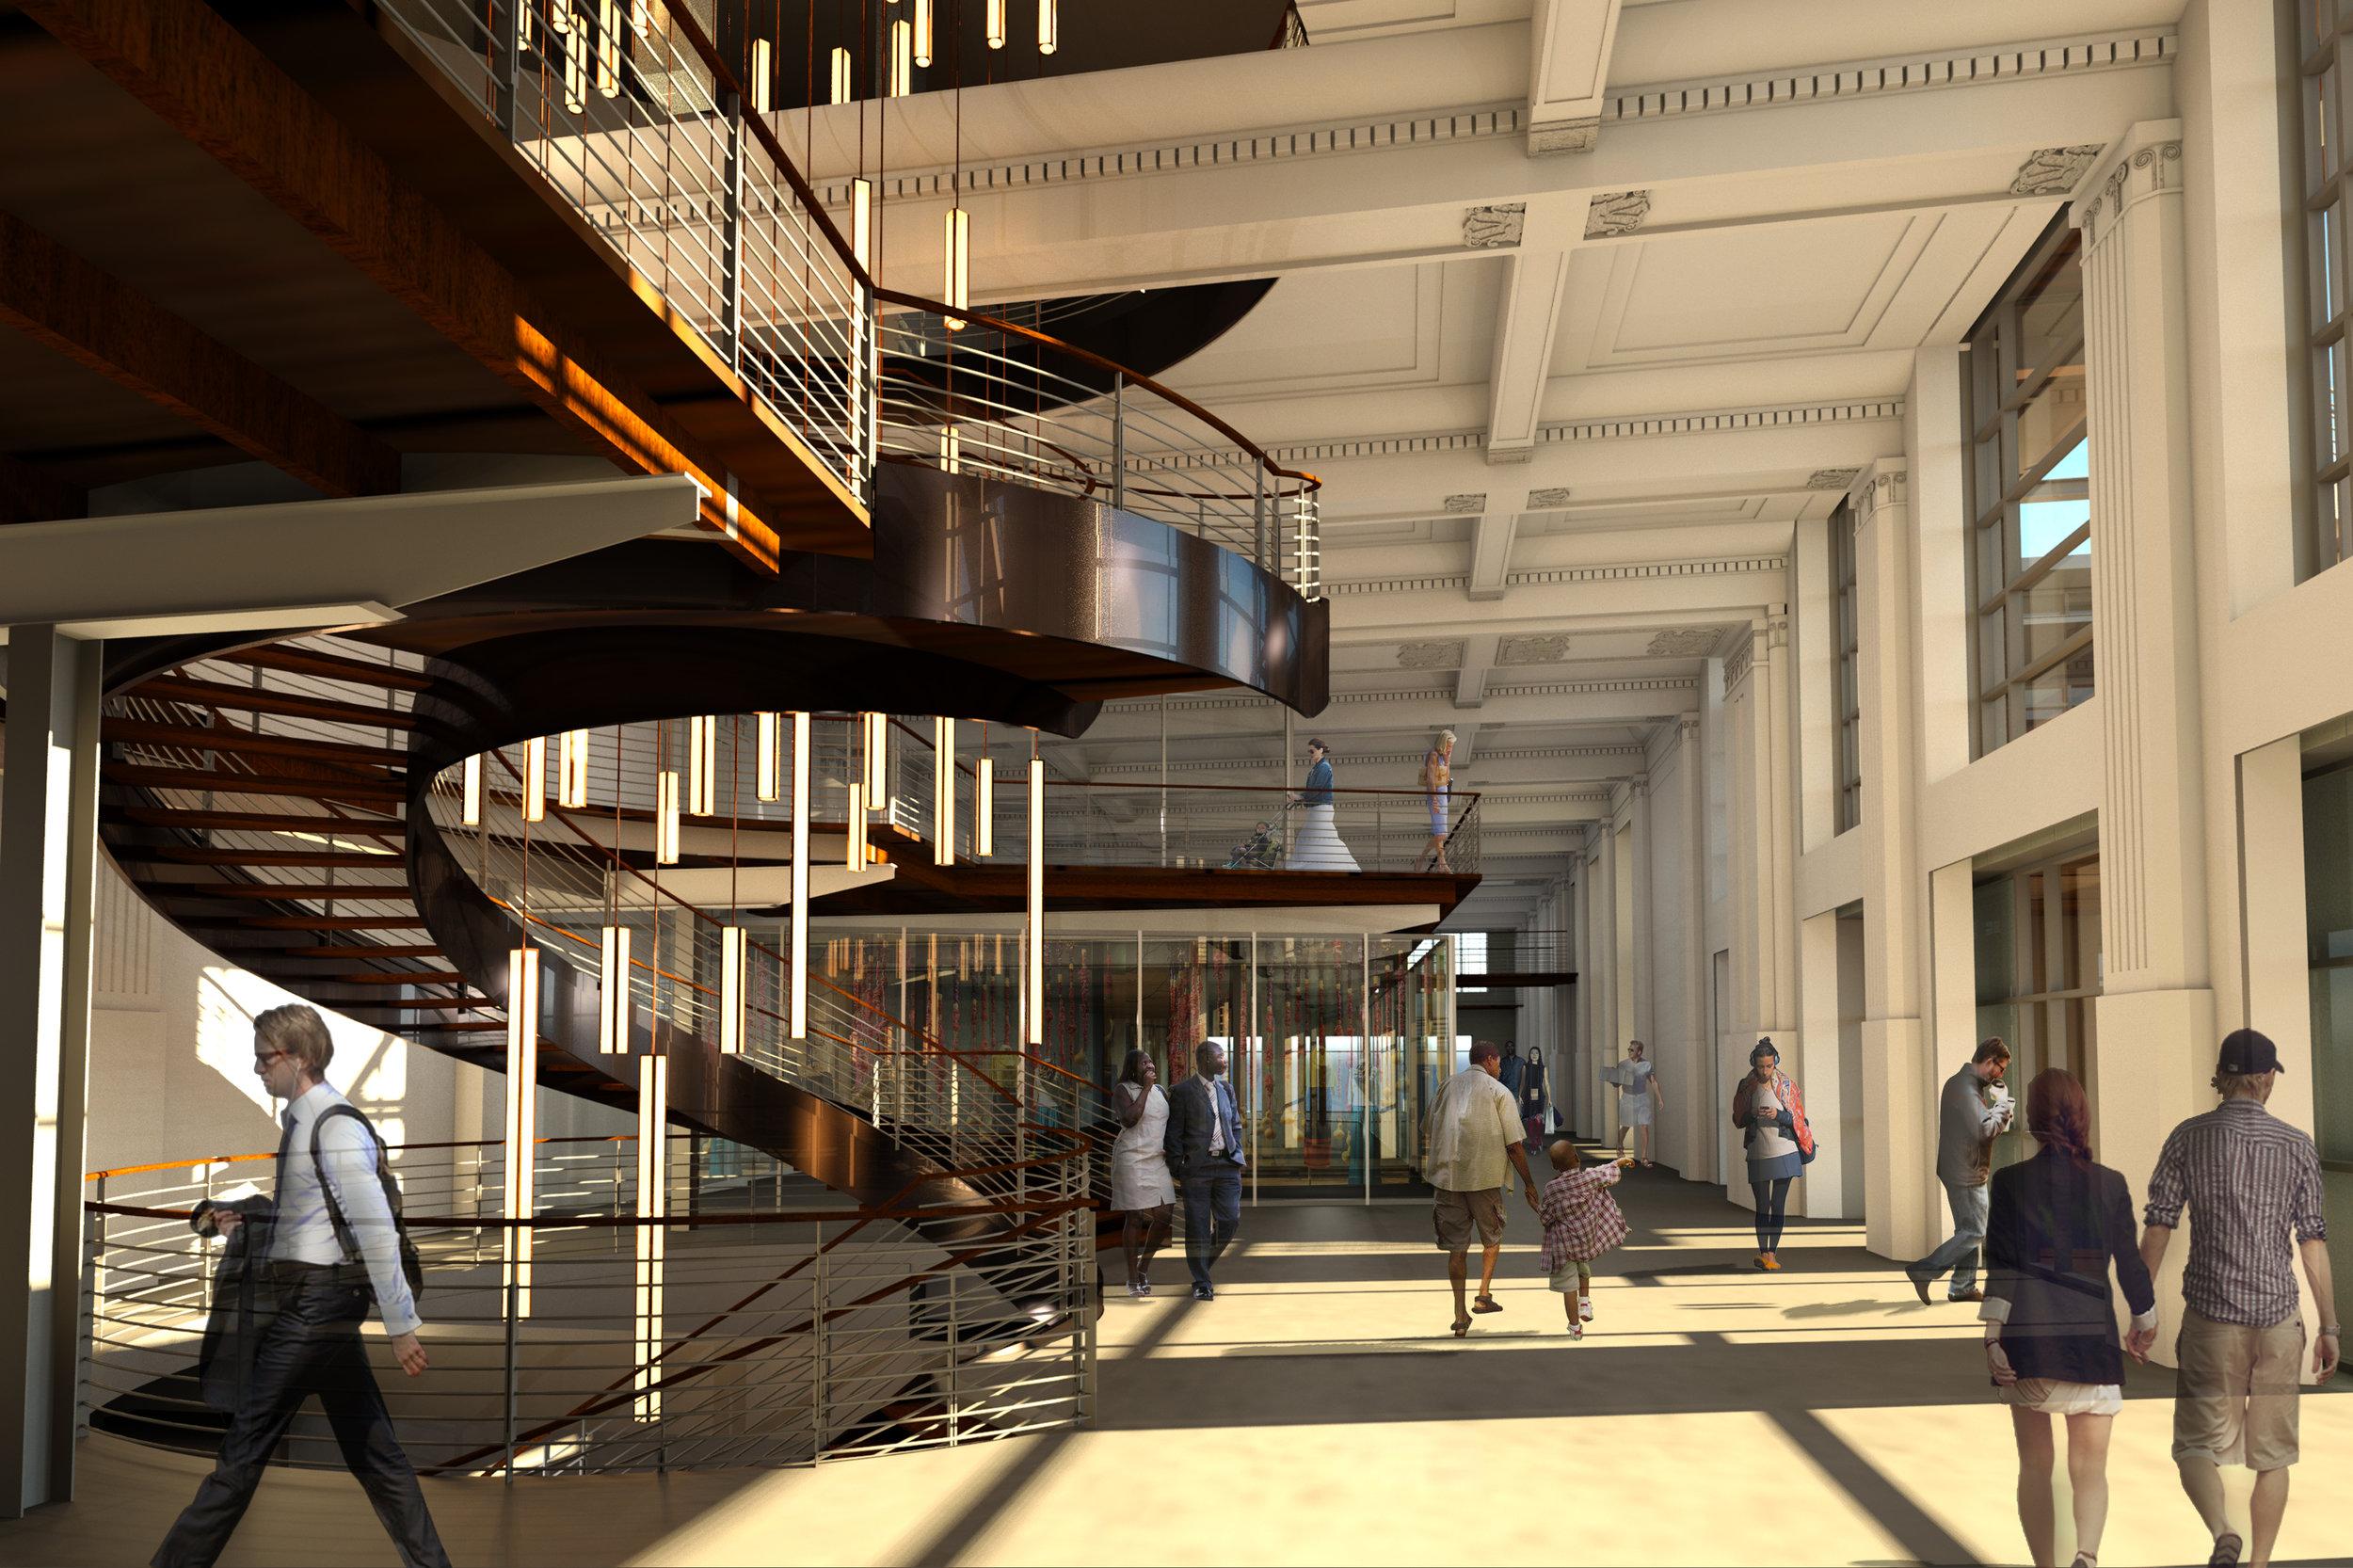 Market Interior 11-21-14 Flat.jpg